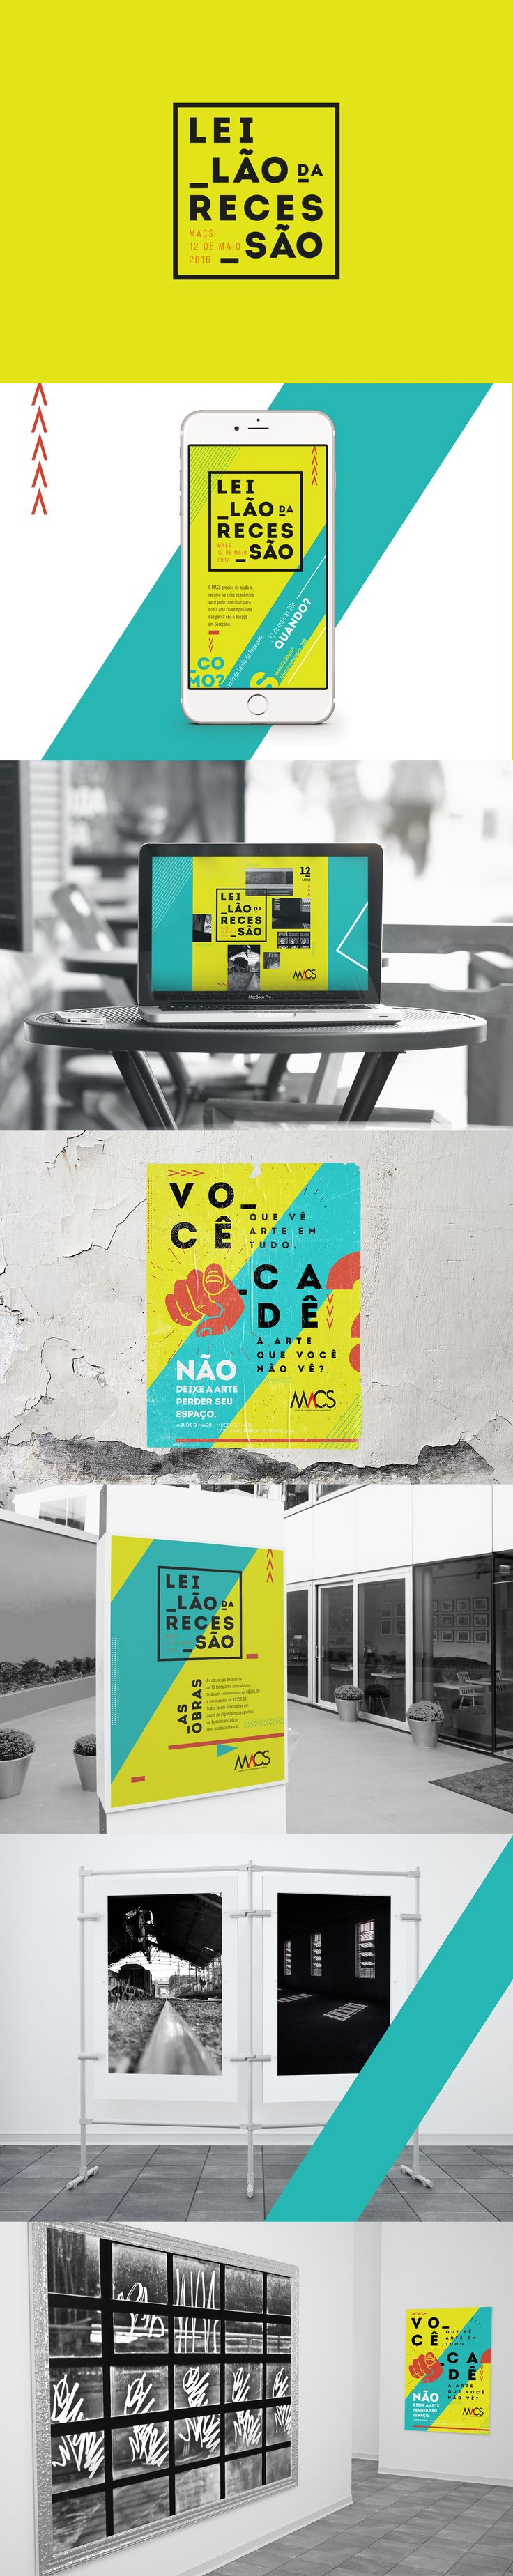 Criação de identidade para o Leilão de arrecadação de fundos para o Museu de Arte Contemporânea de Sorocaba.